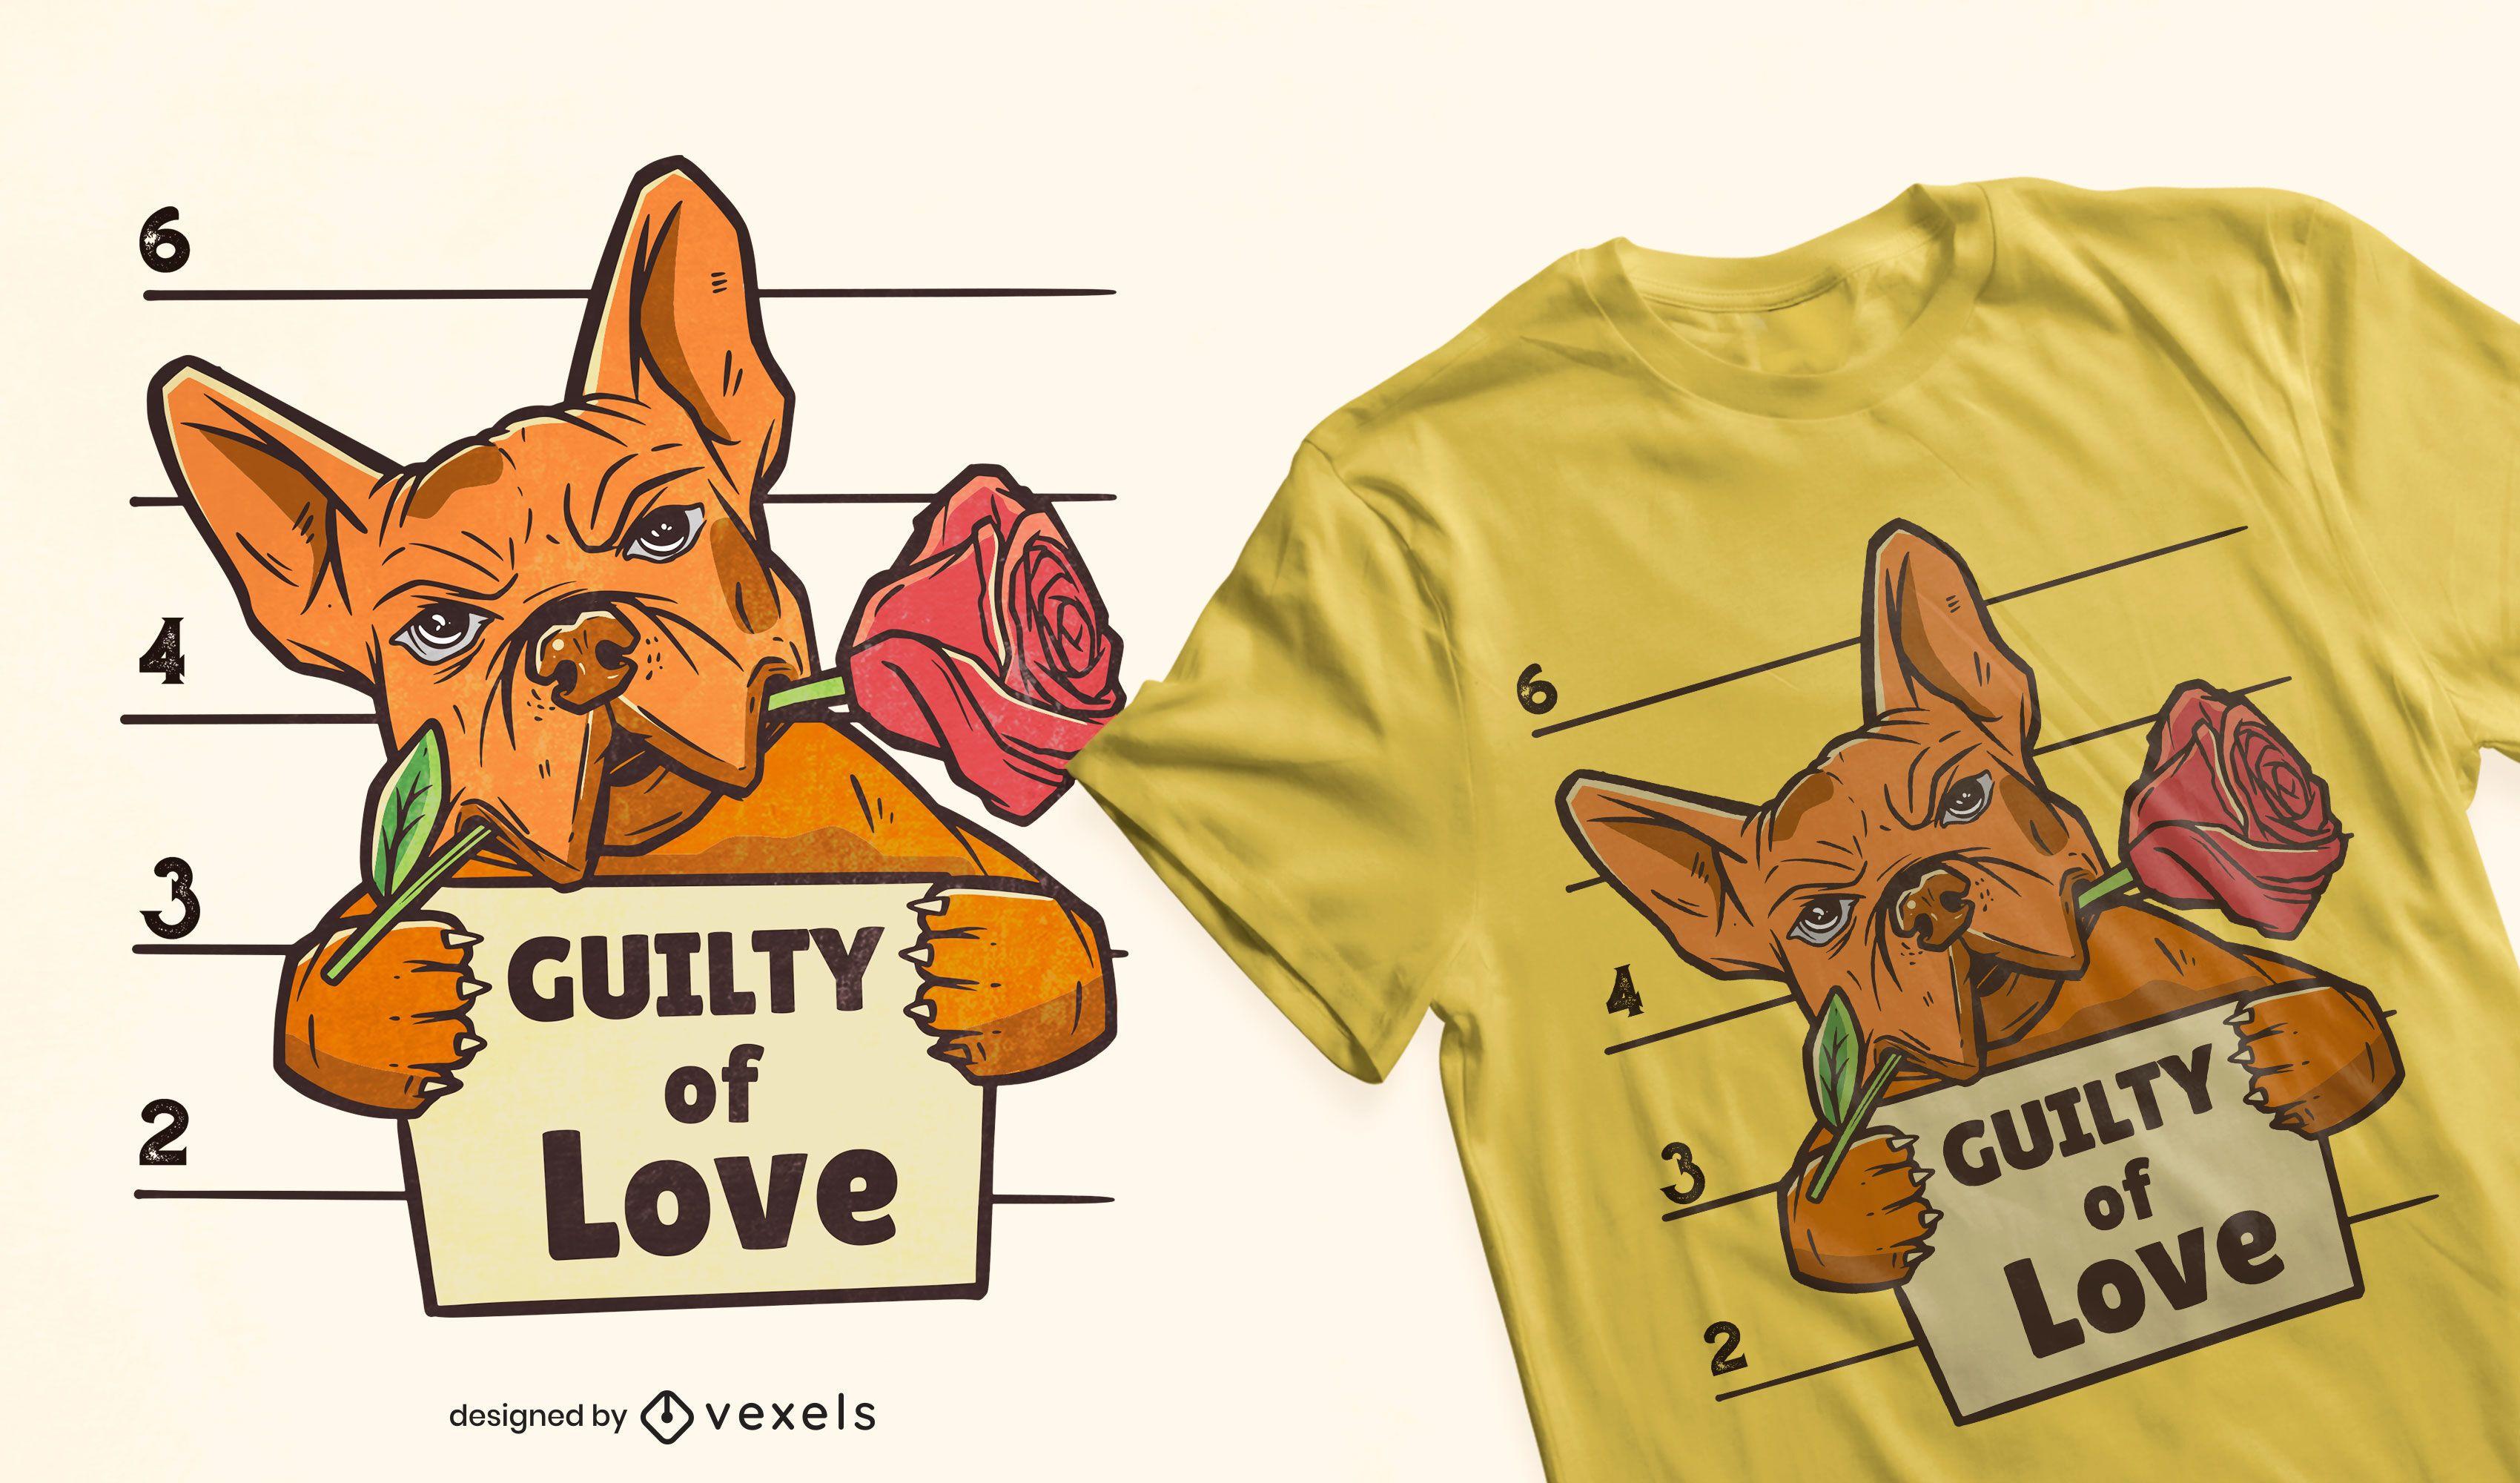 Guilty of love t-shirt design